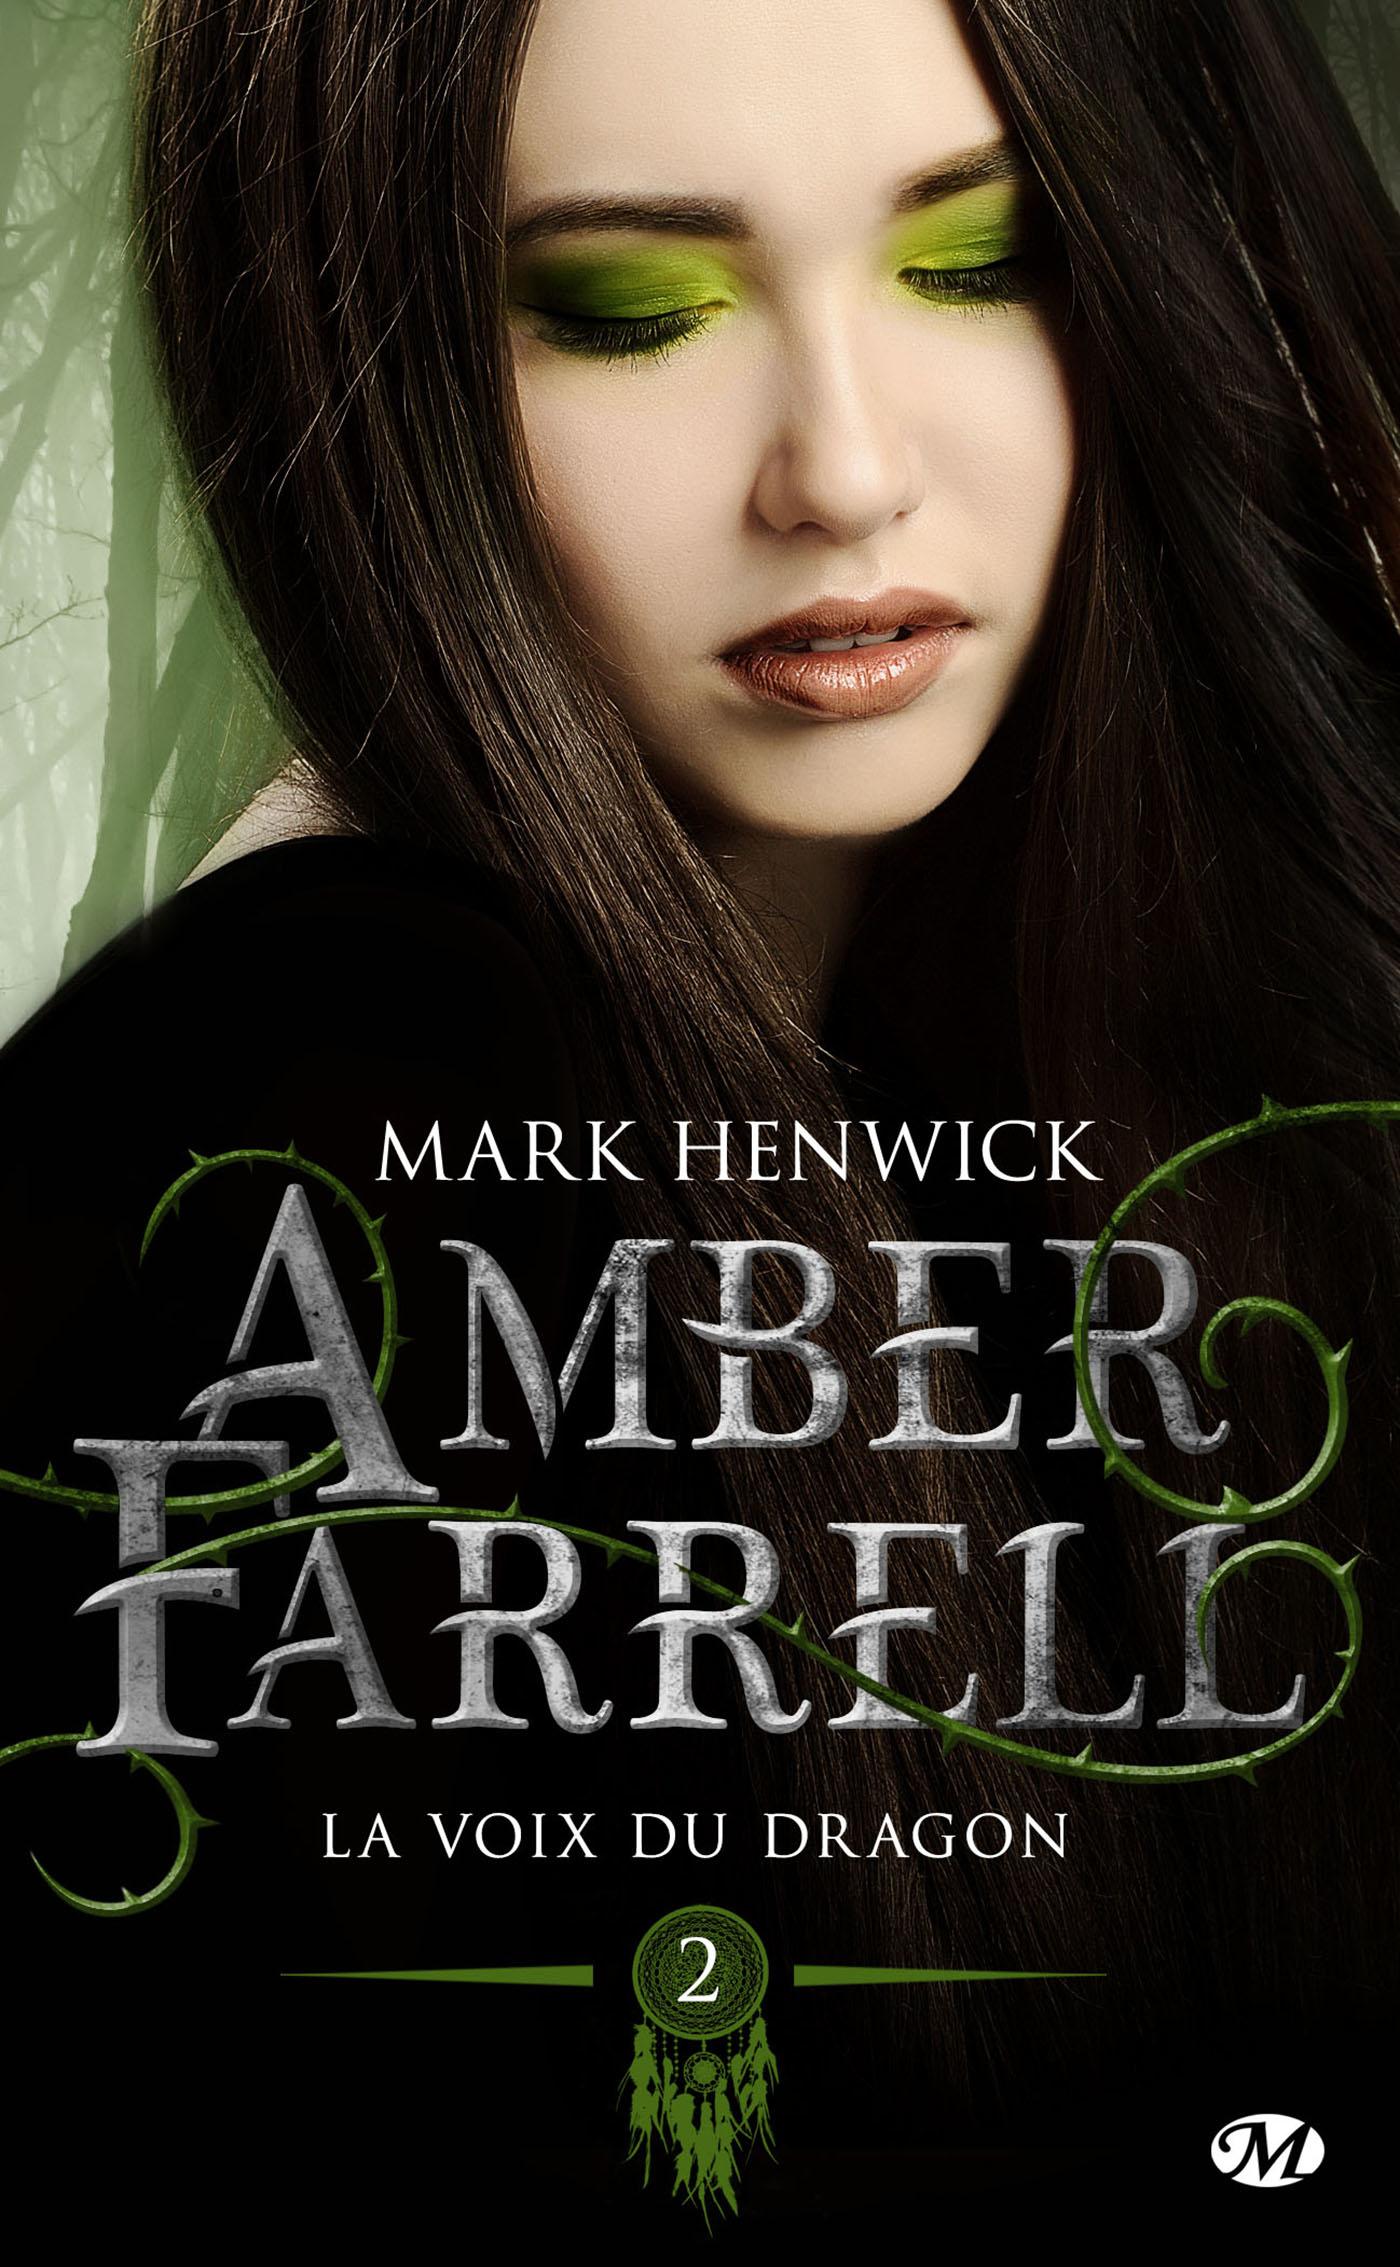 cdn1.booknode.com/book_cover/1082/full/amber-farrell-tome-2-la-voix-du-dragon-1082297.jpg